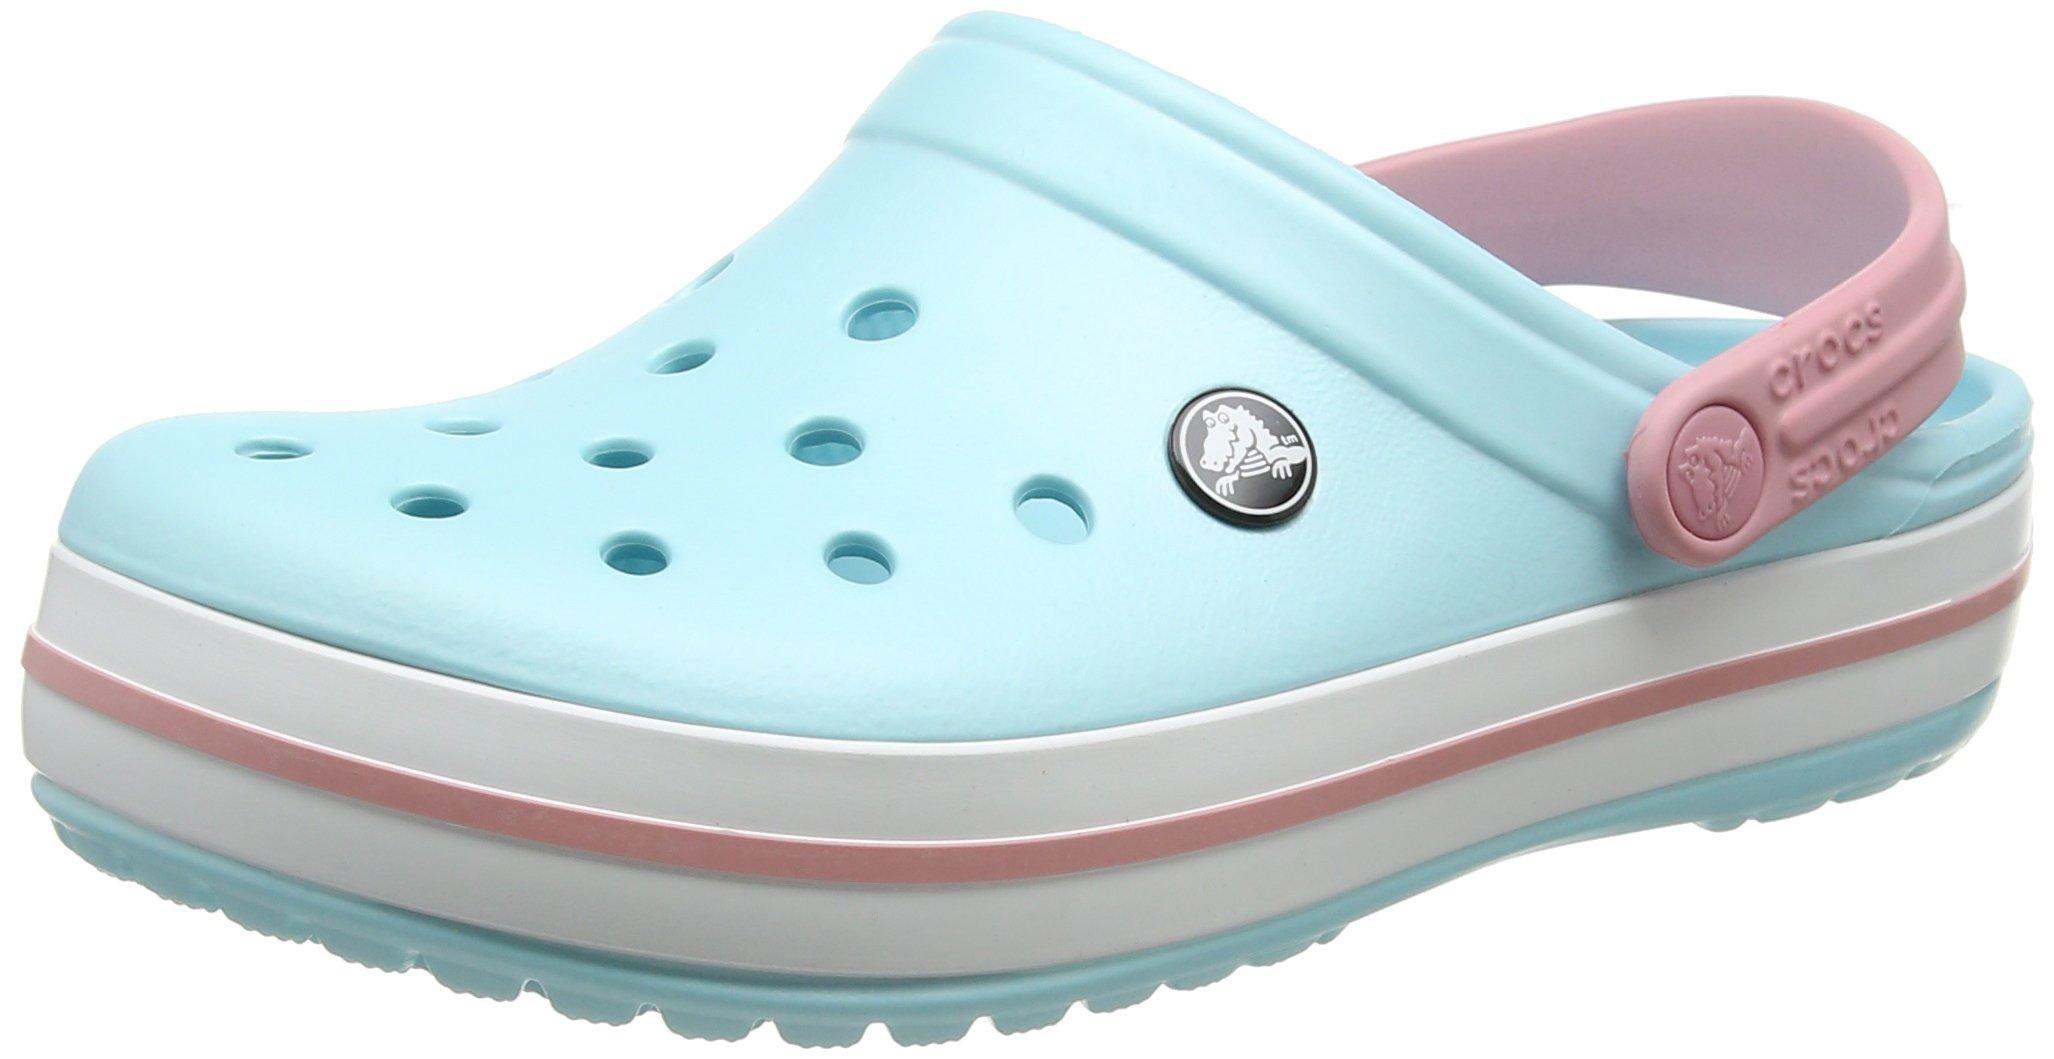 Crocs Unisexs Crocband Clog, Ice Blue/White,6 US Men / 8 US Women